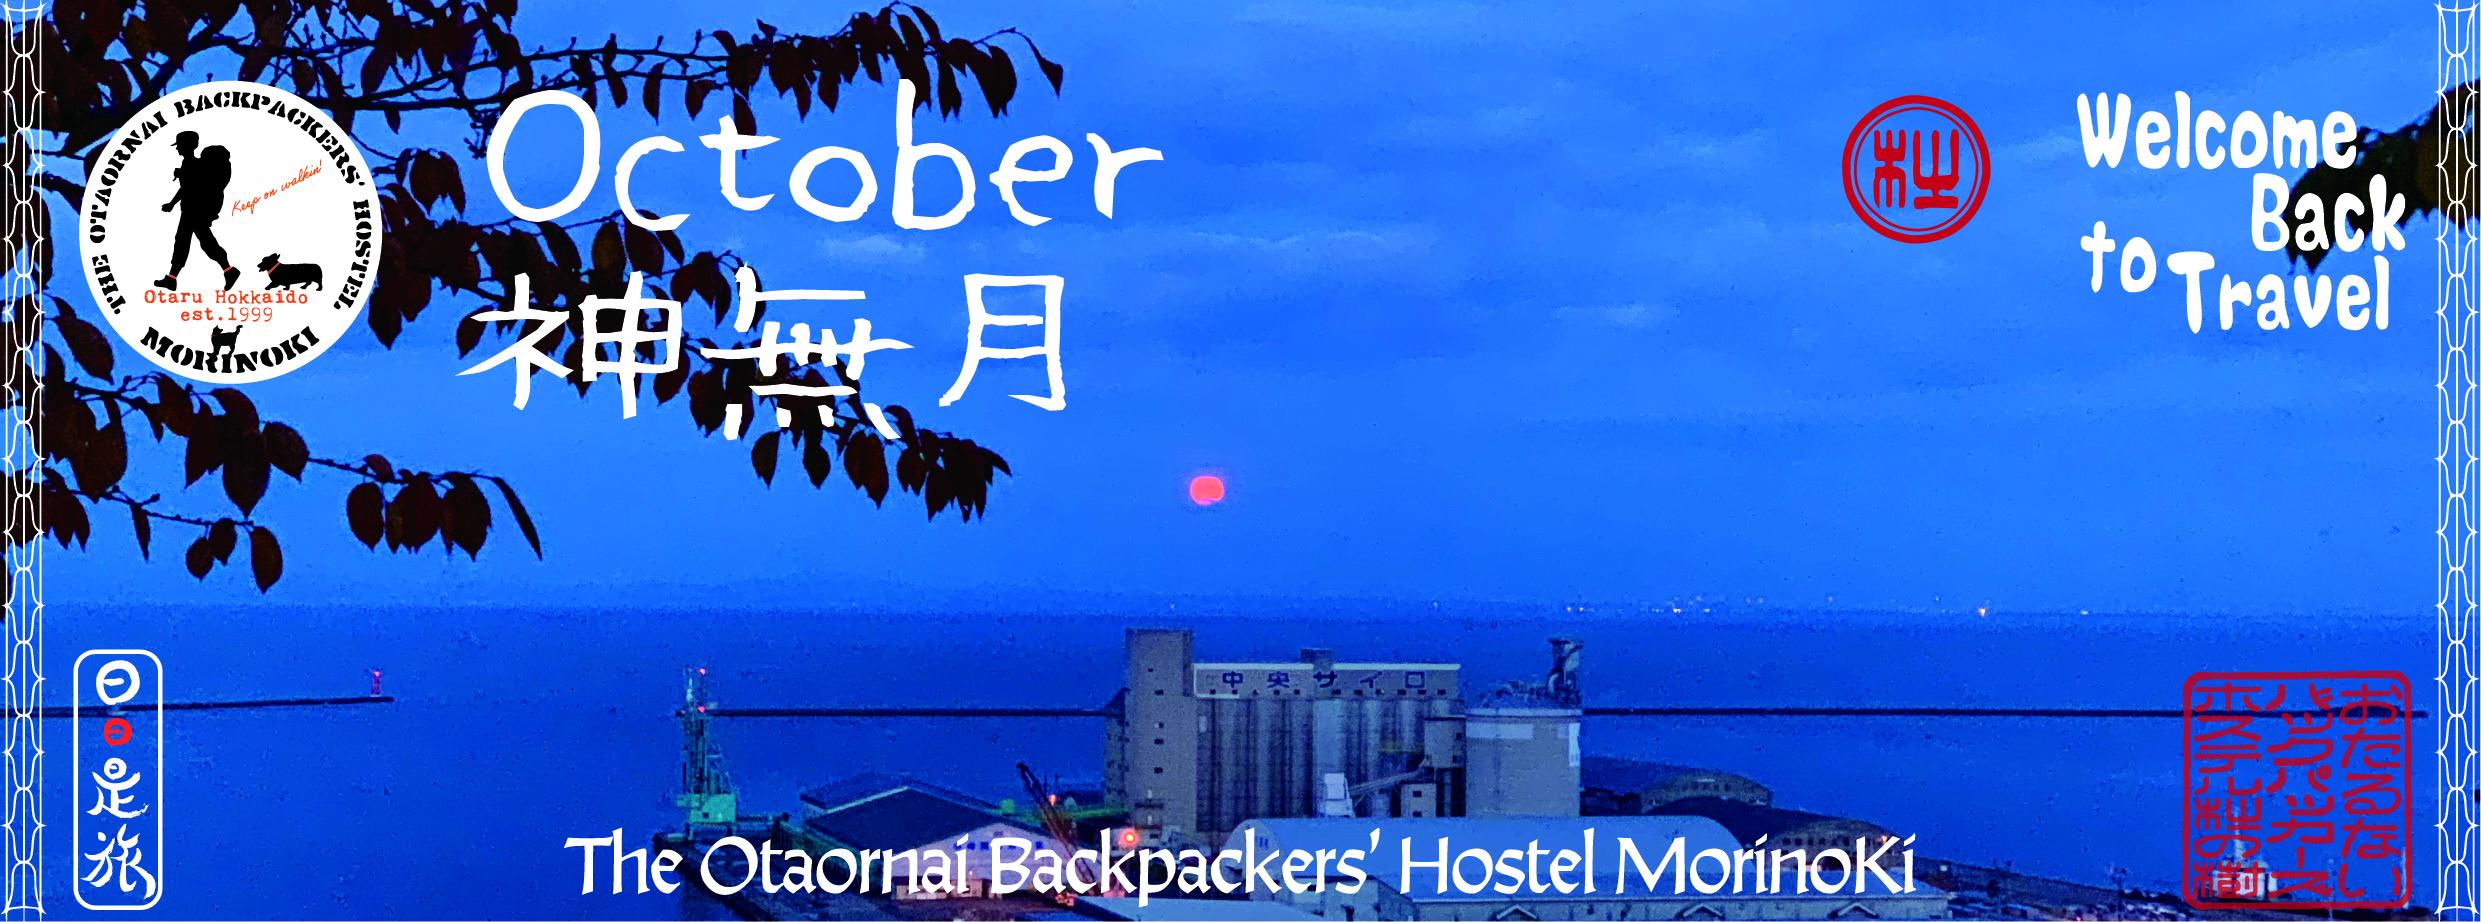 2021 october